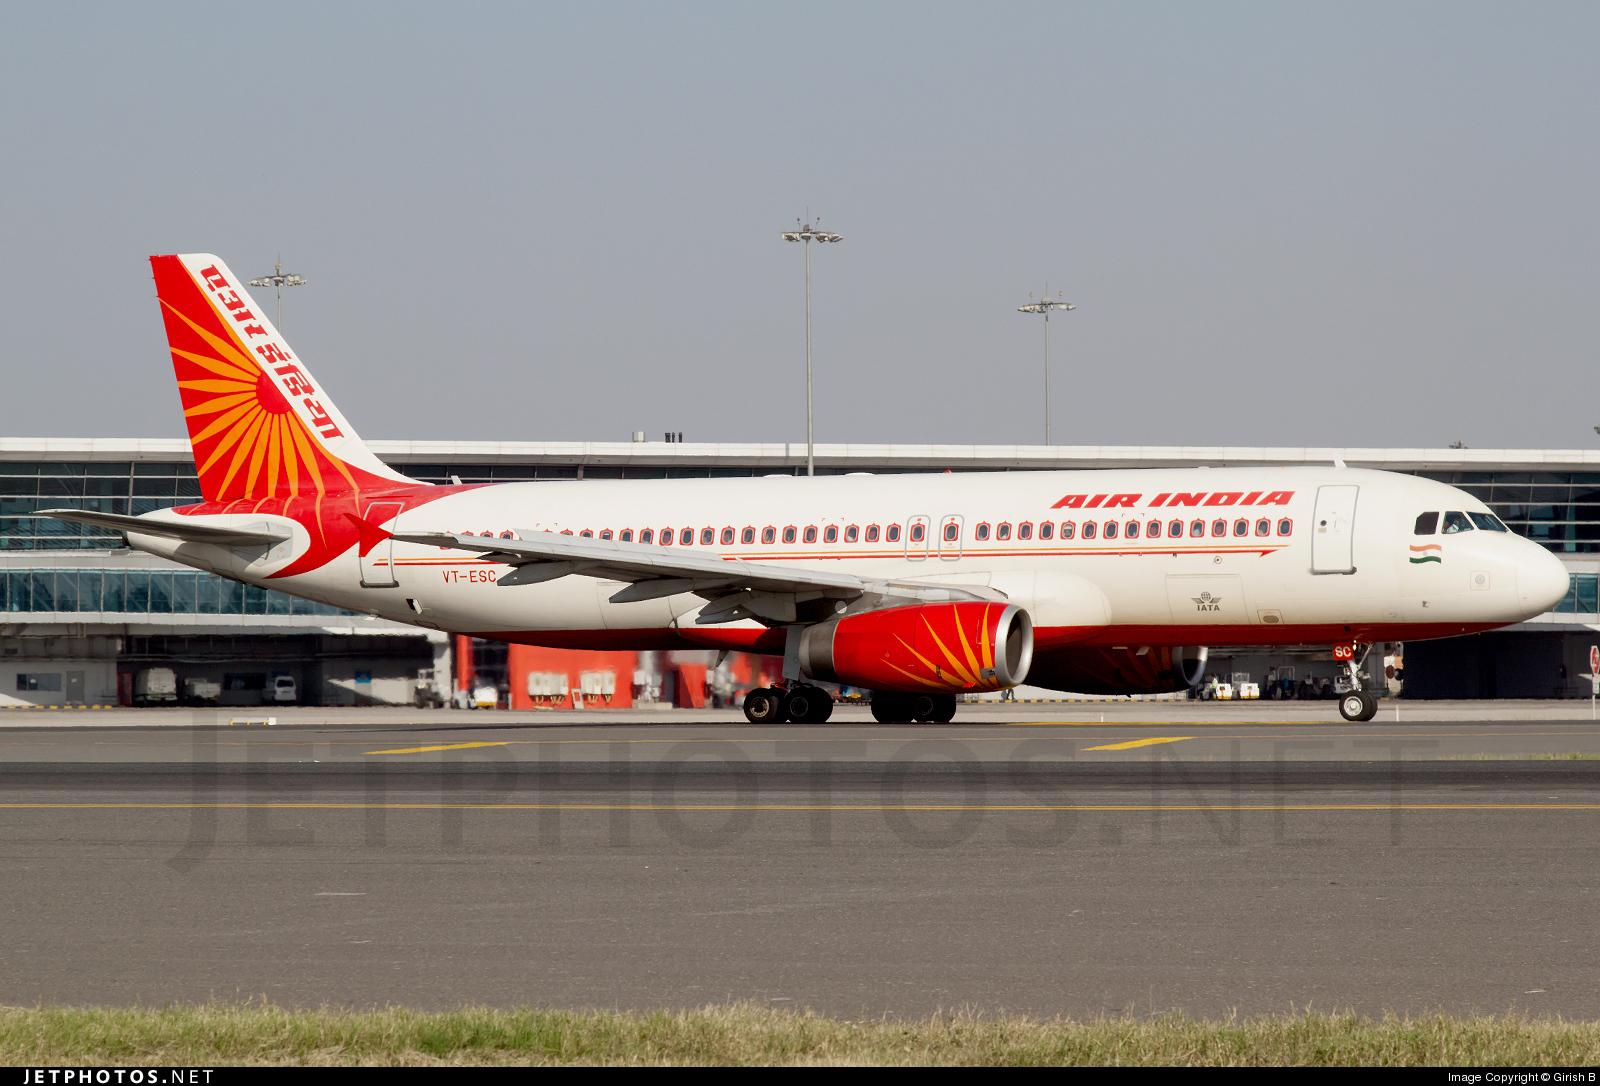 VT-ESC - Airbus A320-231 - Air India